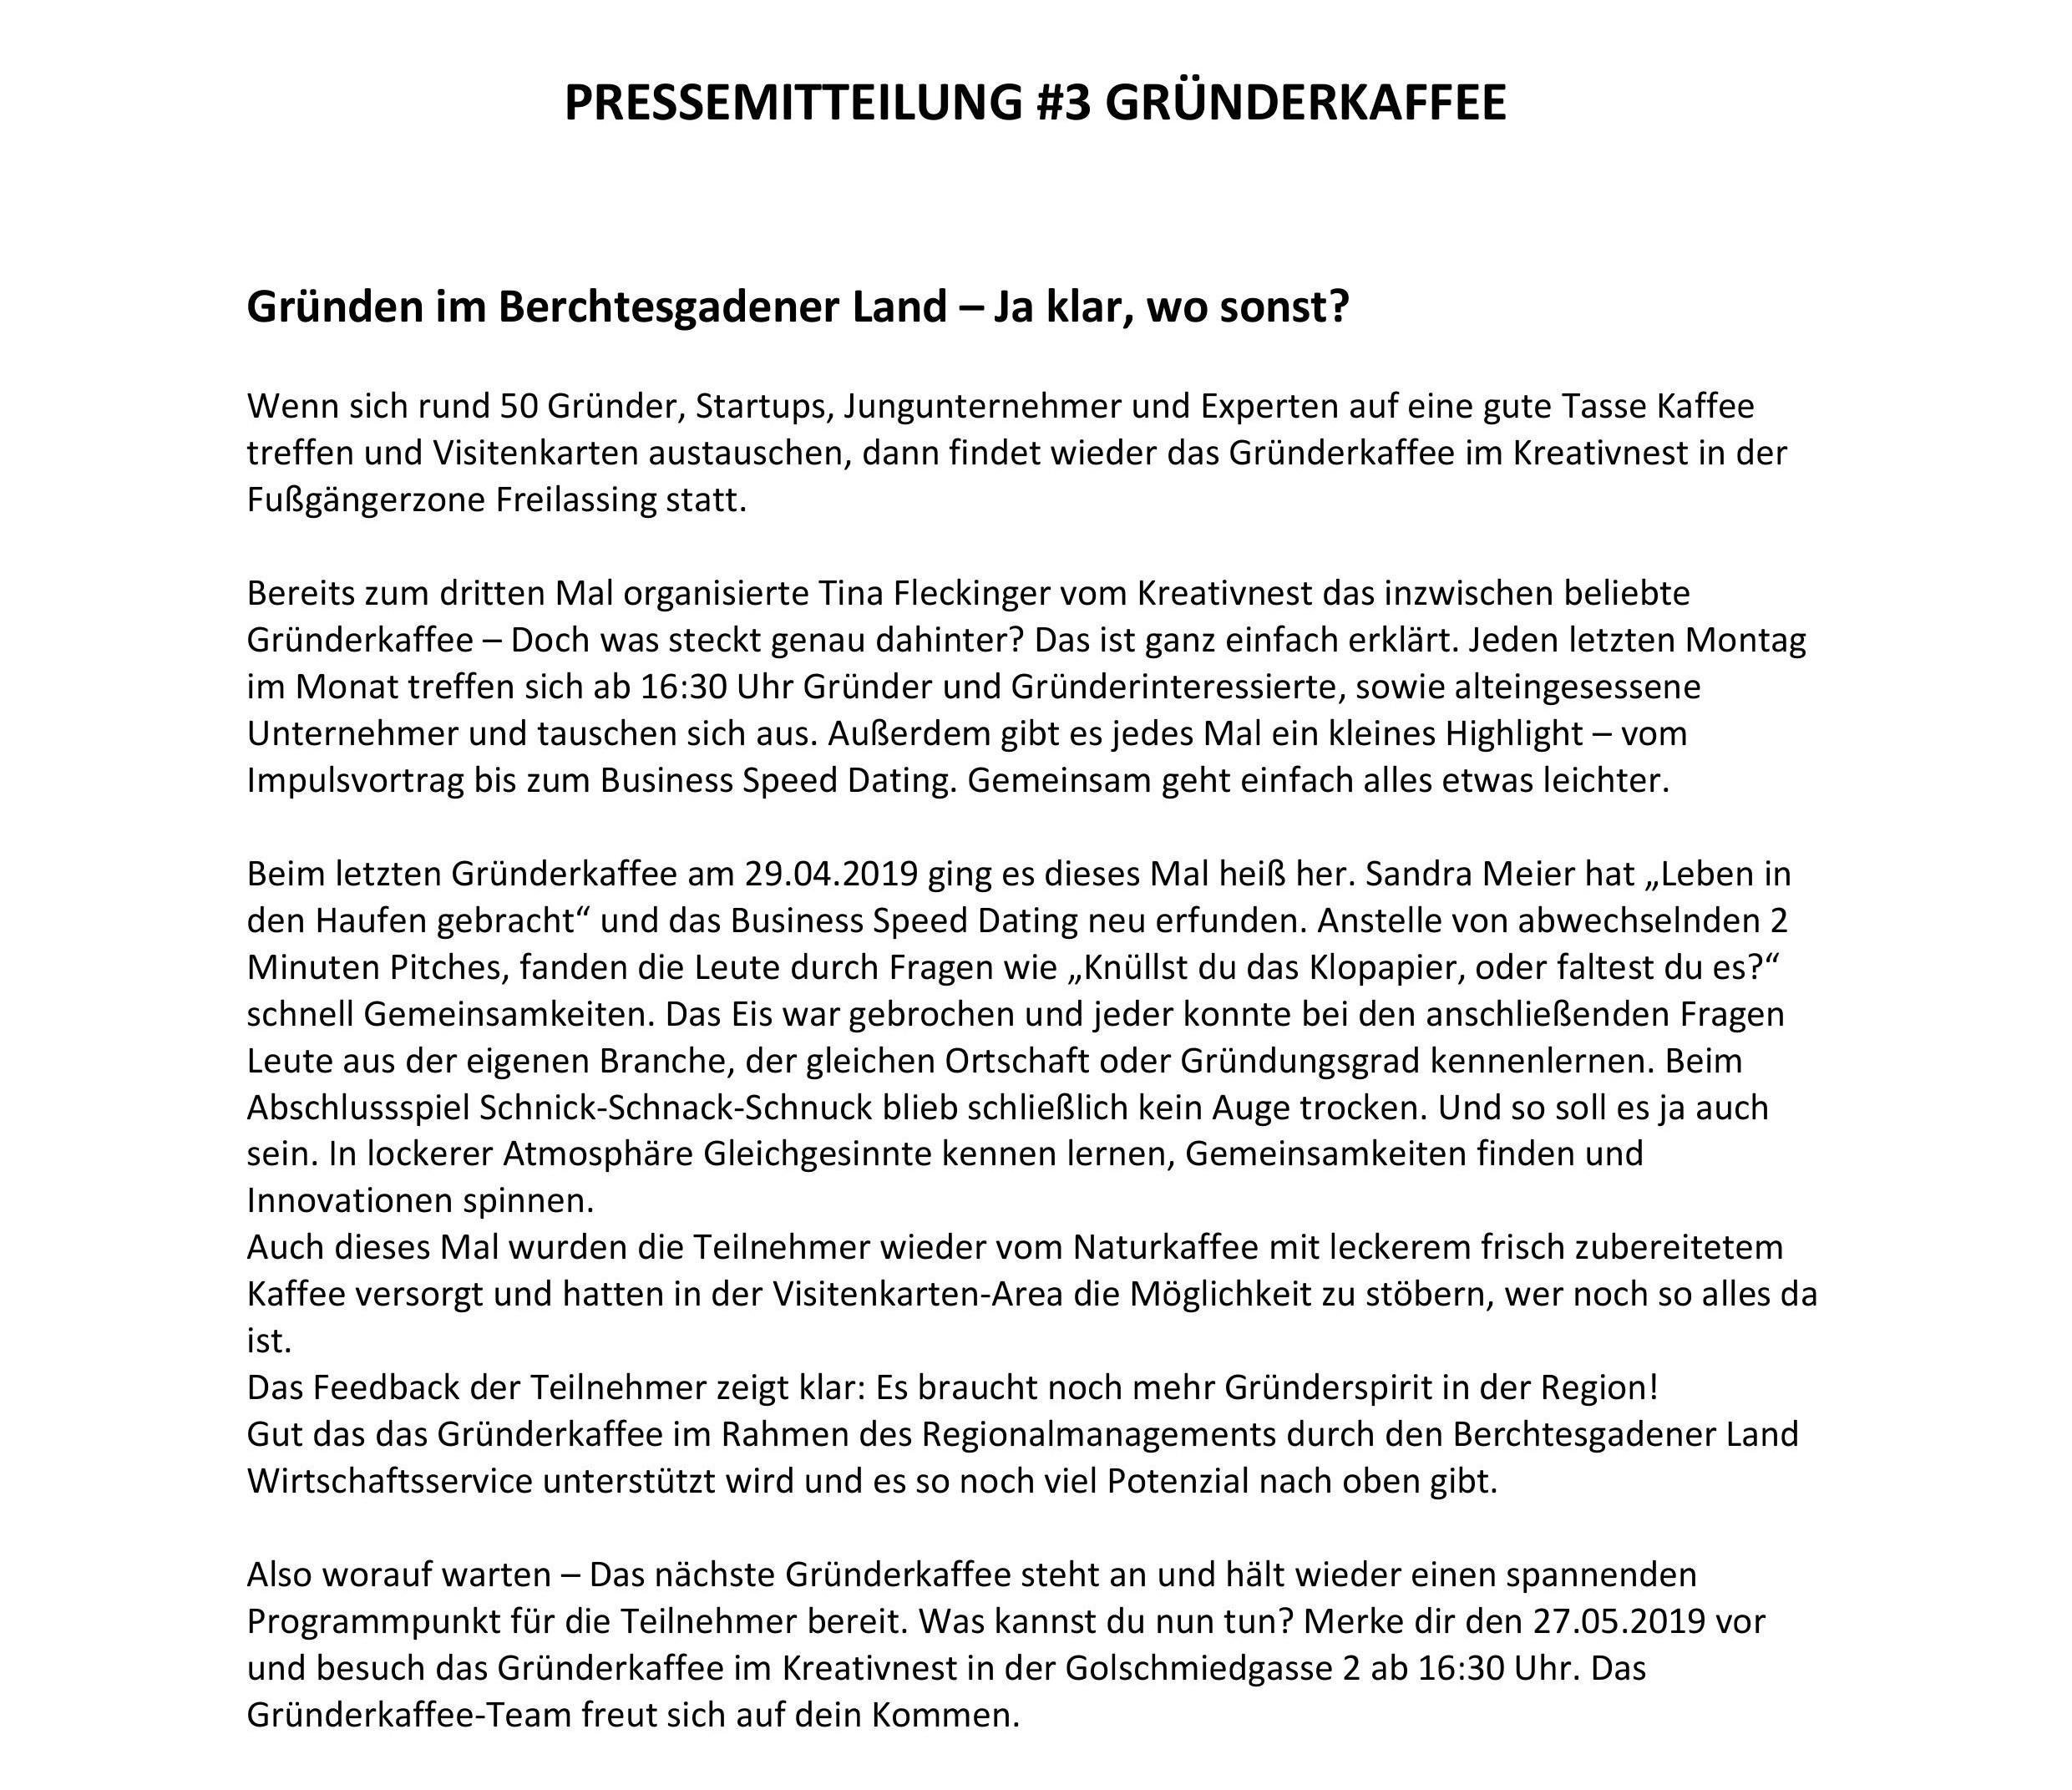 Pressemitteilung Gründerkaffee #3